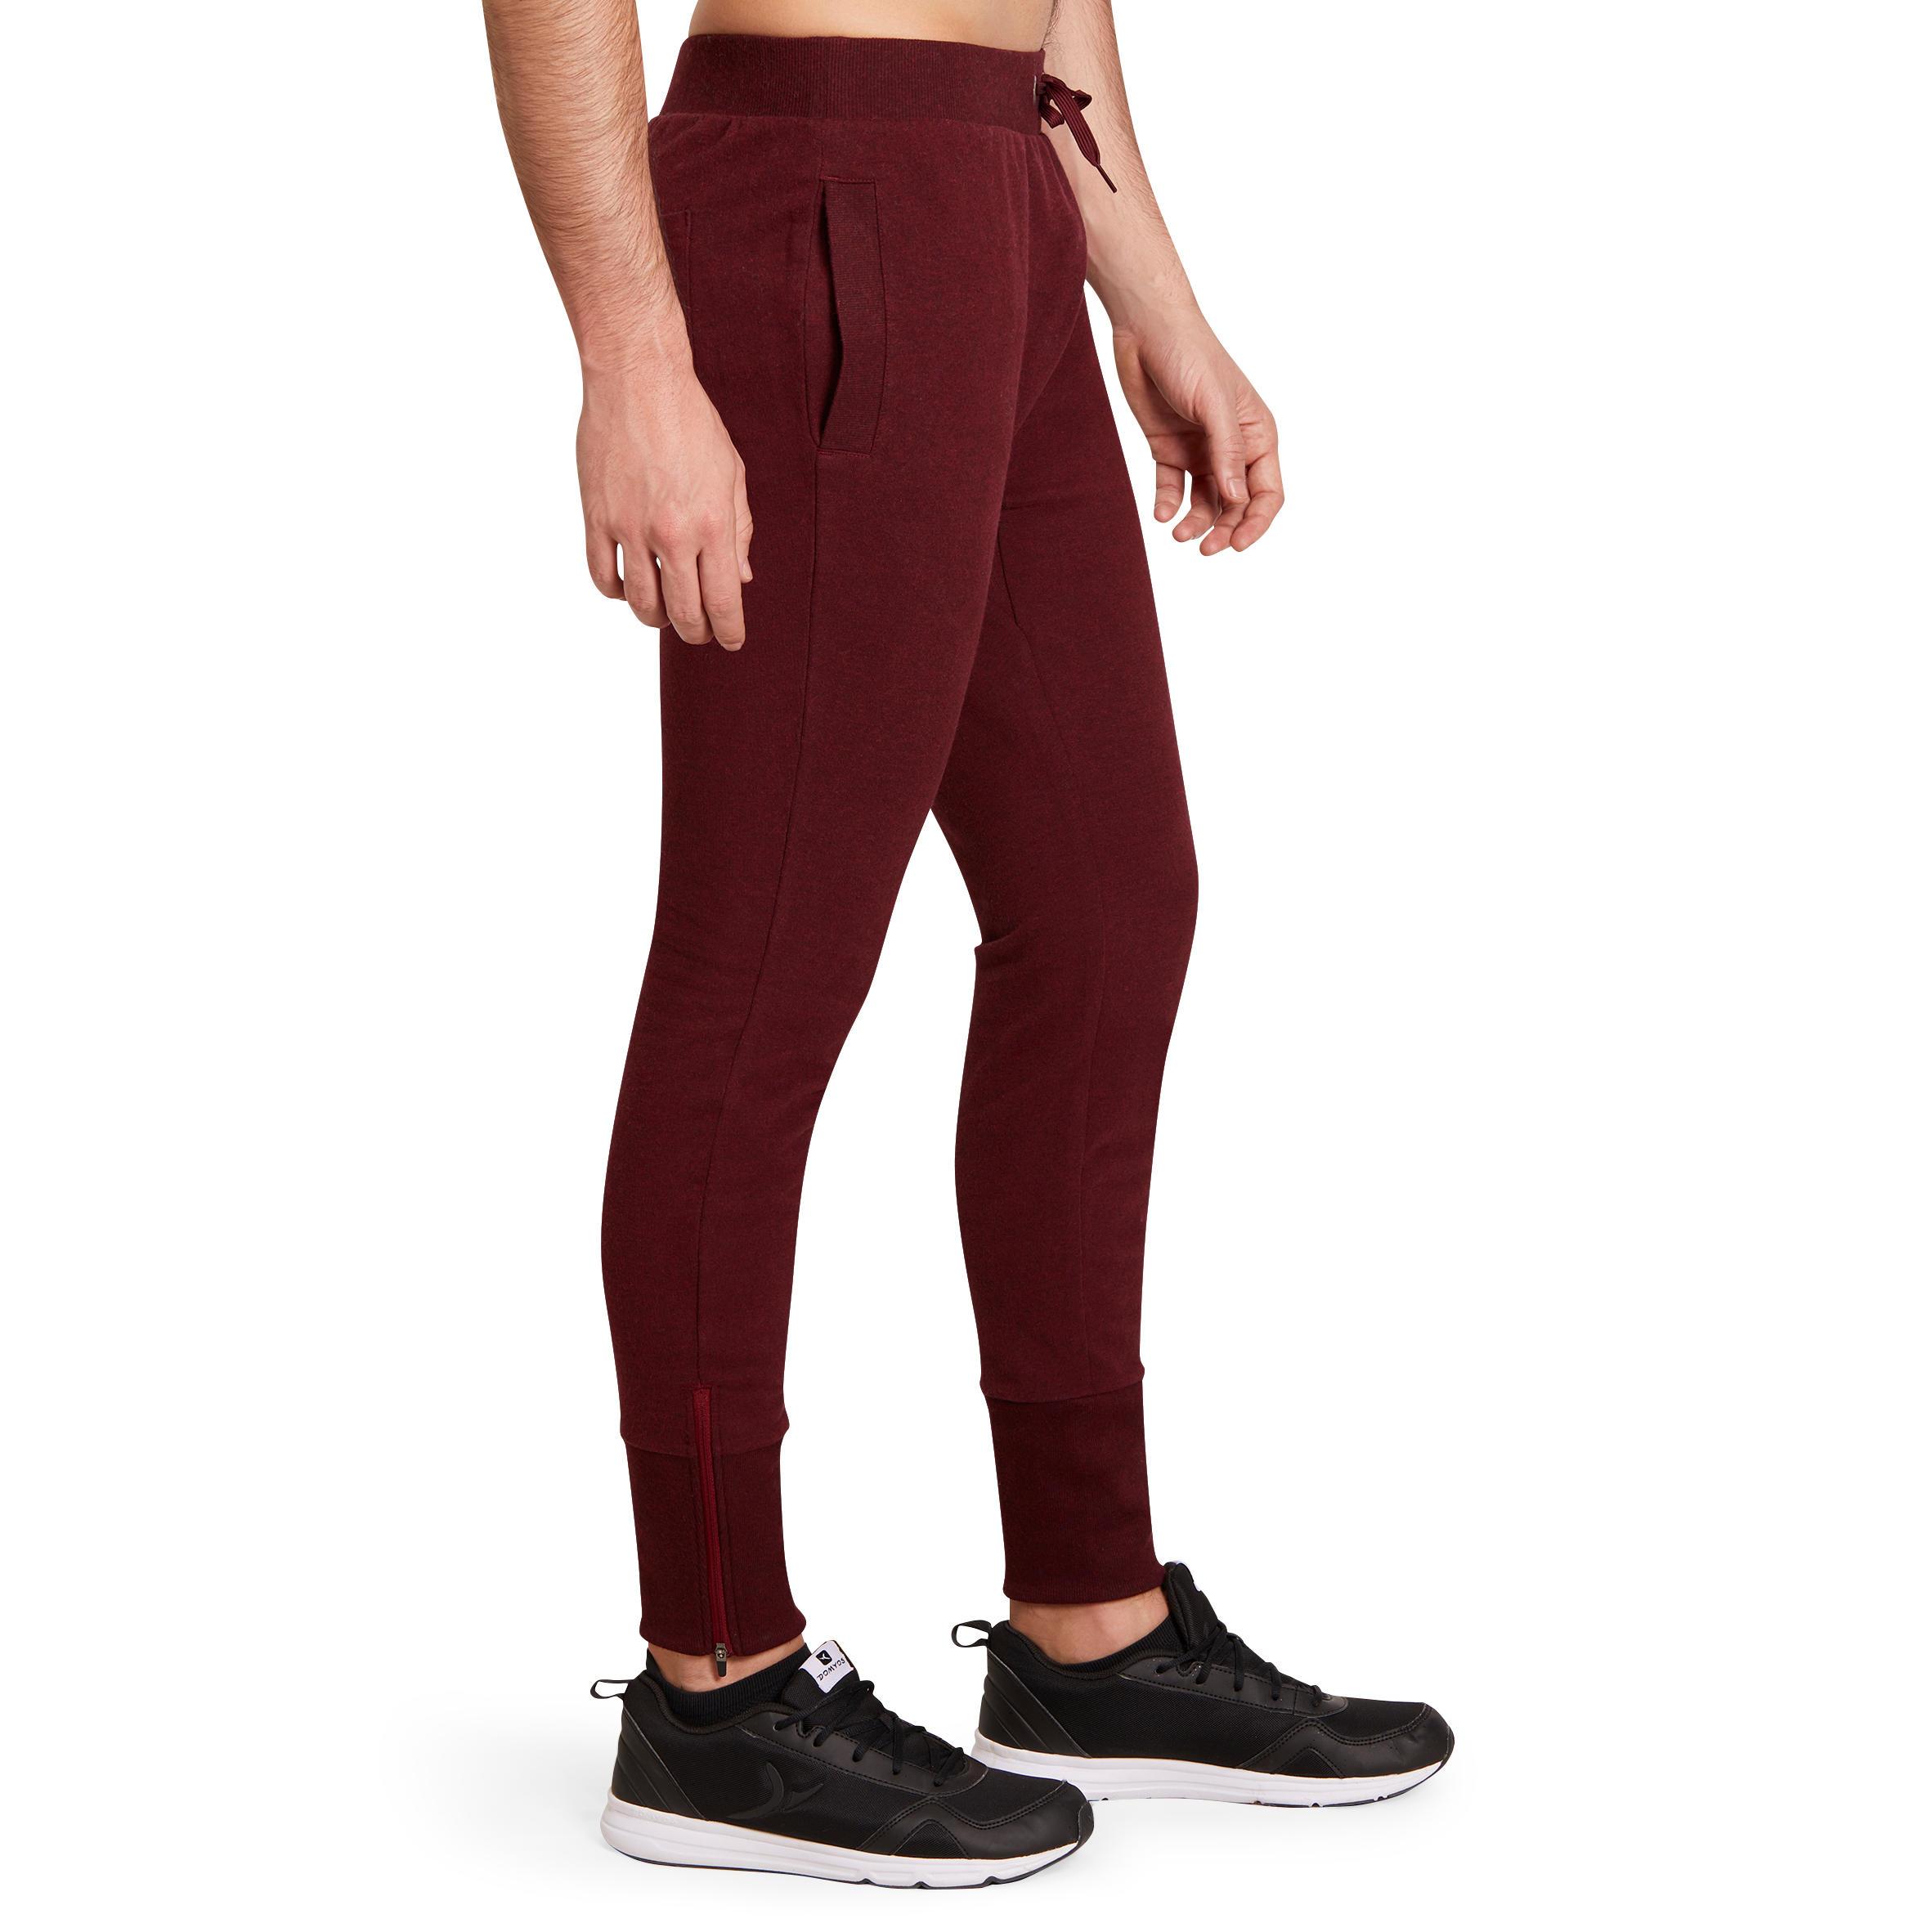 Skinny-Fit Gym & Pilates Bottoms - Burgundy